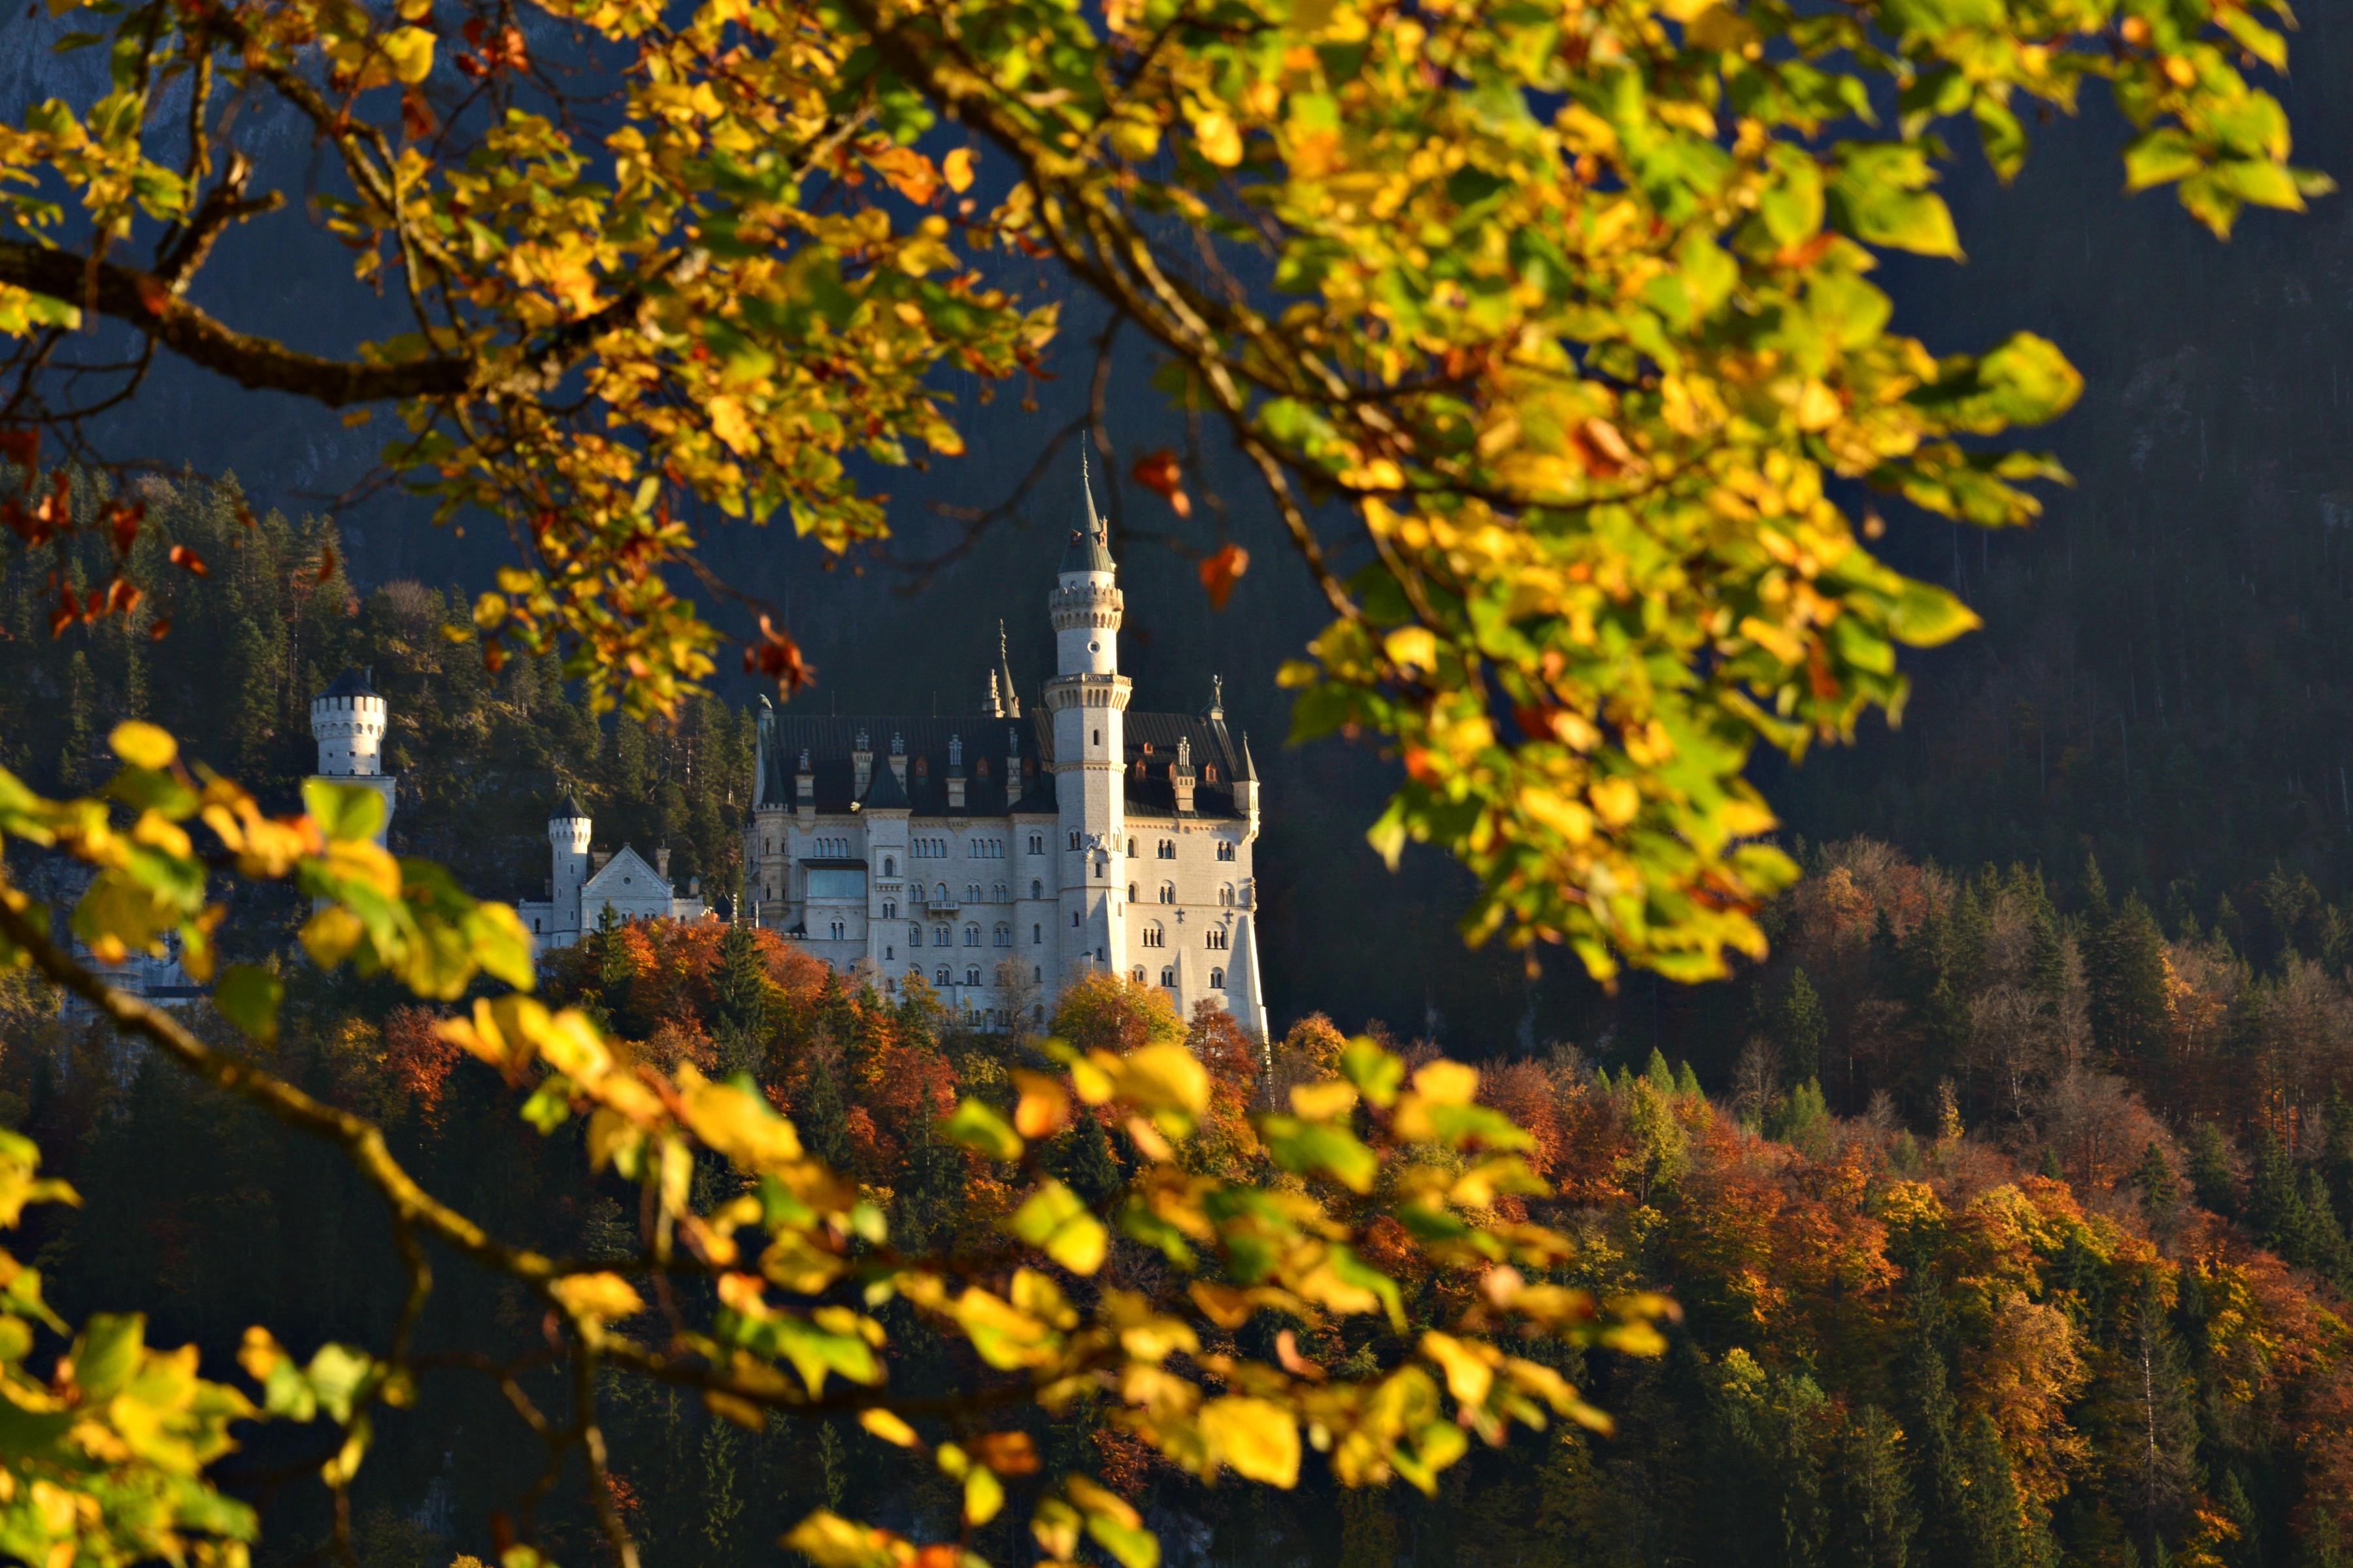 B0111 Schloss Neuschwanstein im Herbstkleid.jpg